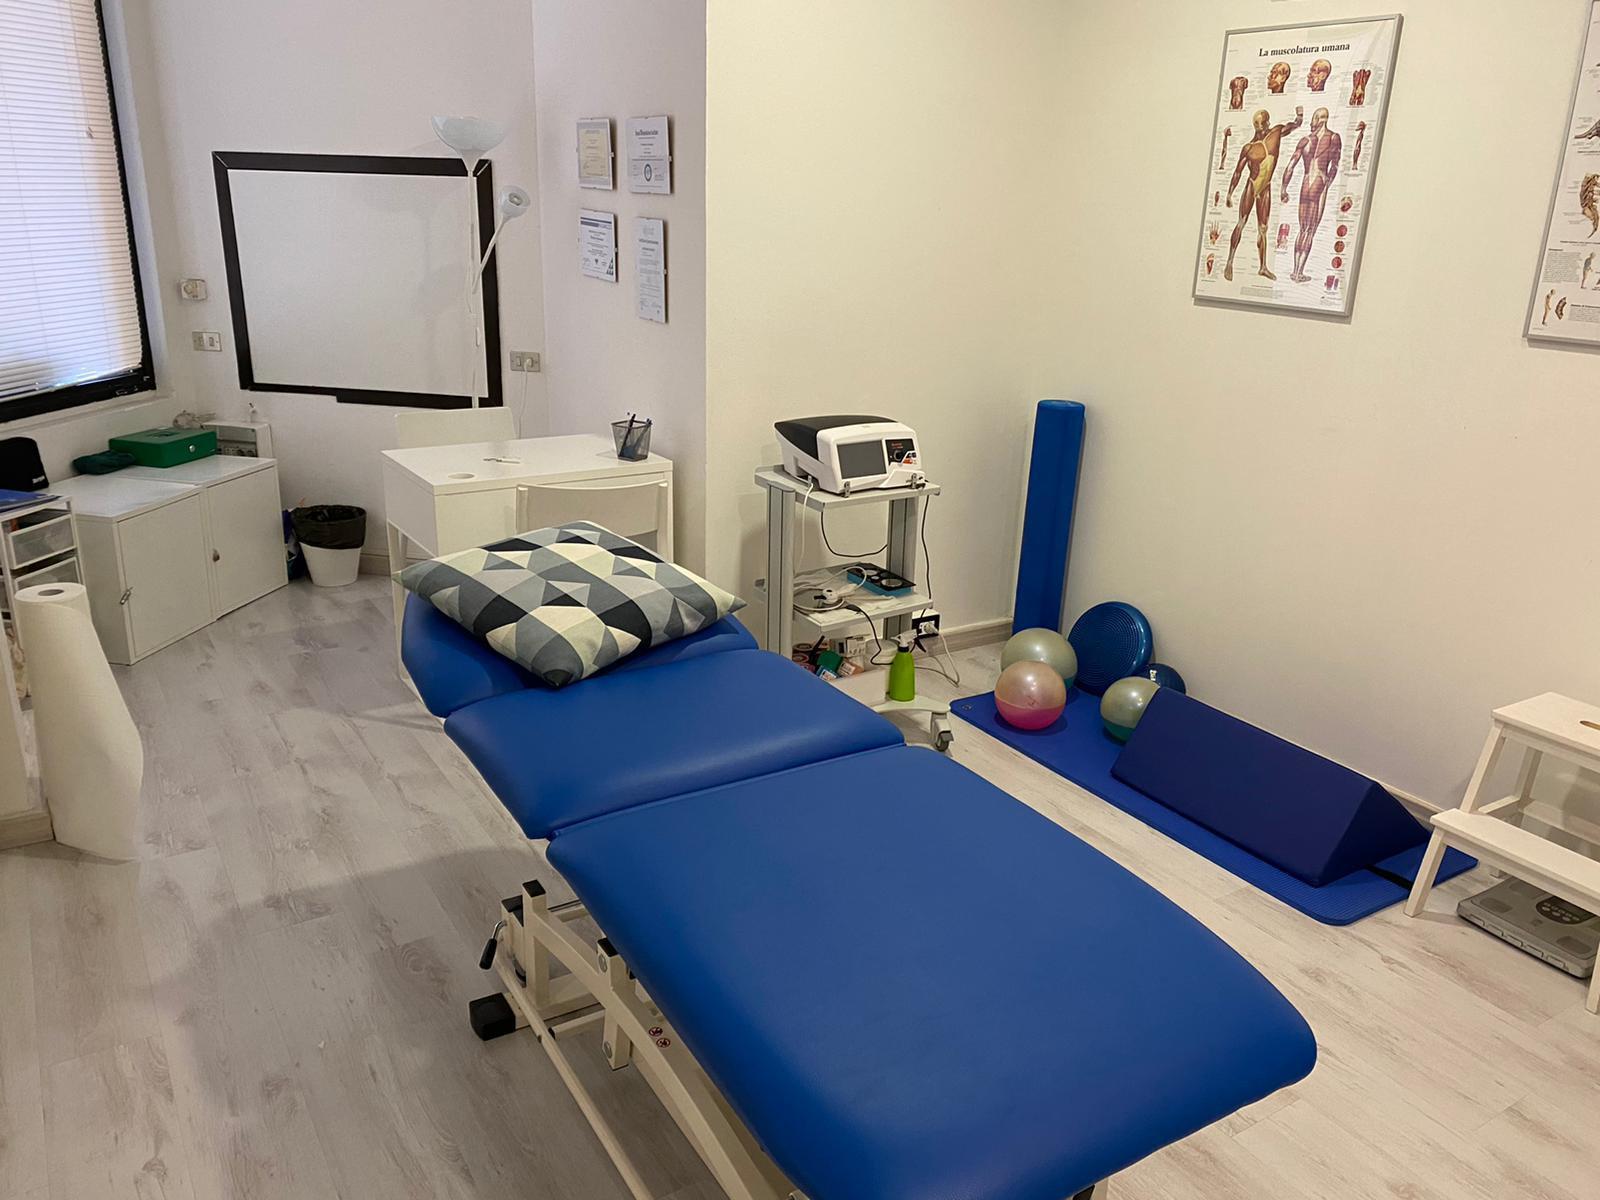 Seduta fisioterapica